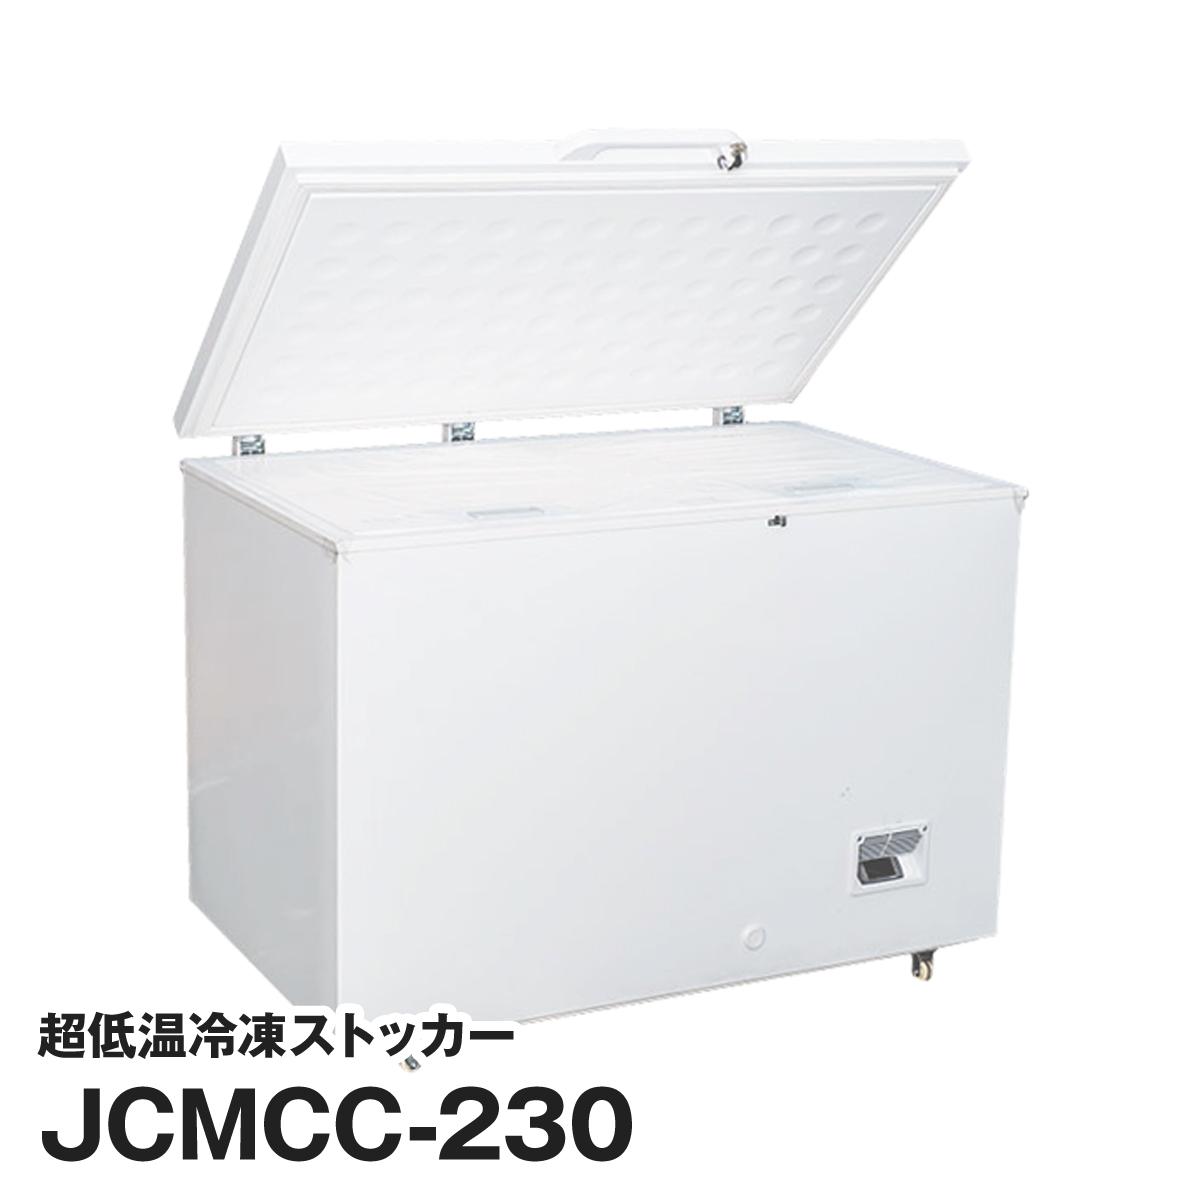 JCM社製 業務用 保冷庫 冷凍庫 231L 超低温冷凍ストッカー JCMCC-230 新品